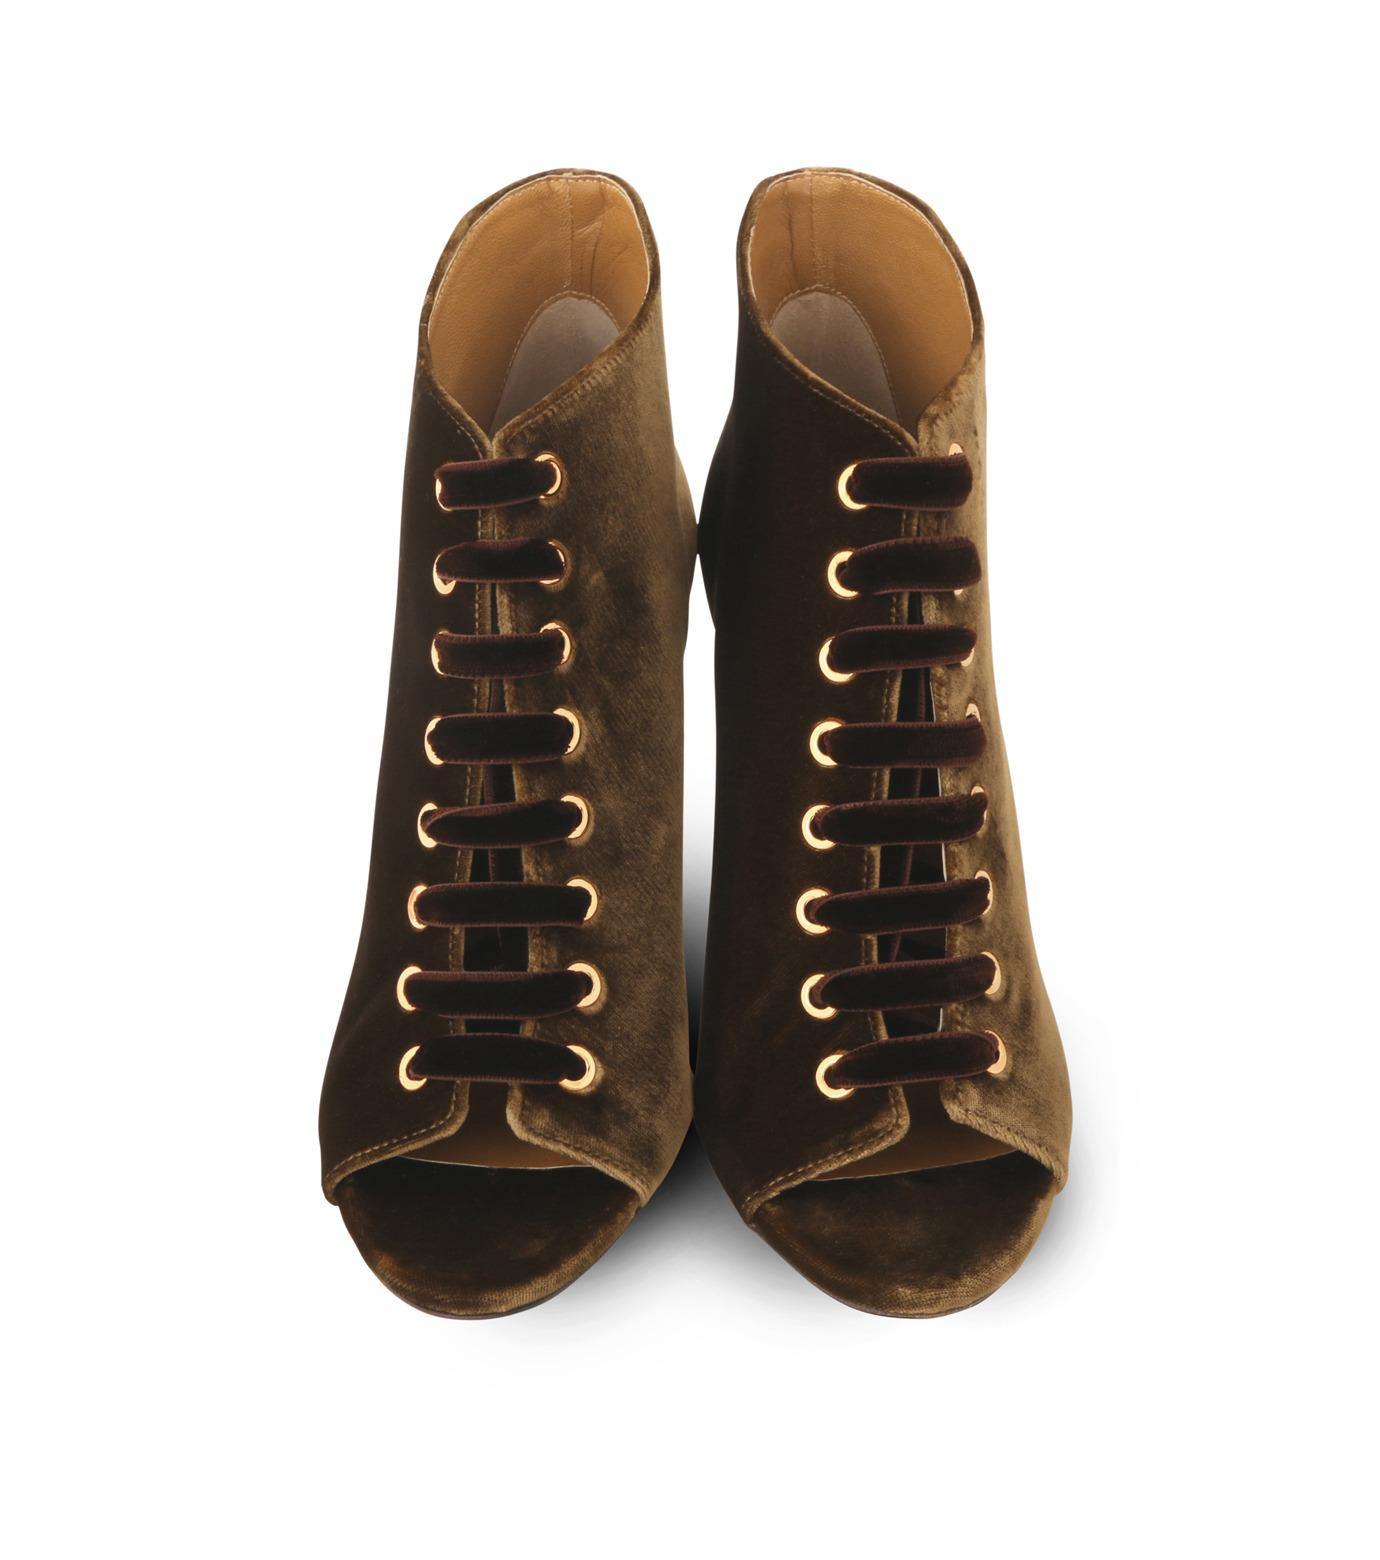 Jimmy Choo(ジミーチュウ)の162Velvet Laceup Bootie-KHAKI(ブーツ/boots)-MAVY-100-VEL-24 拡大詳細画像4